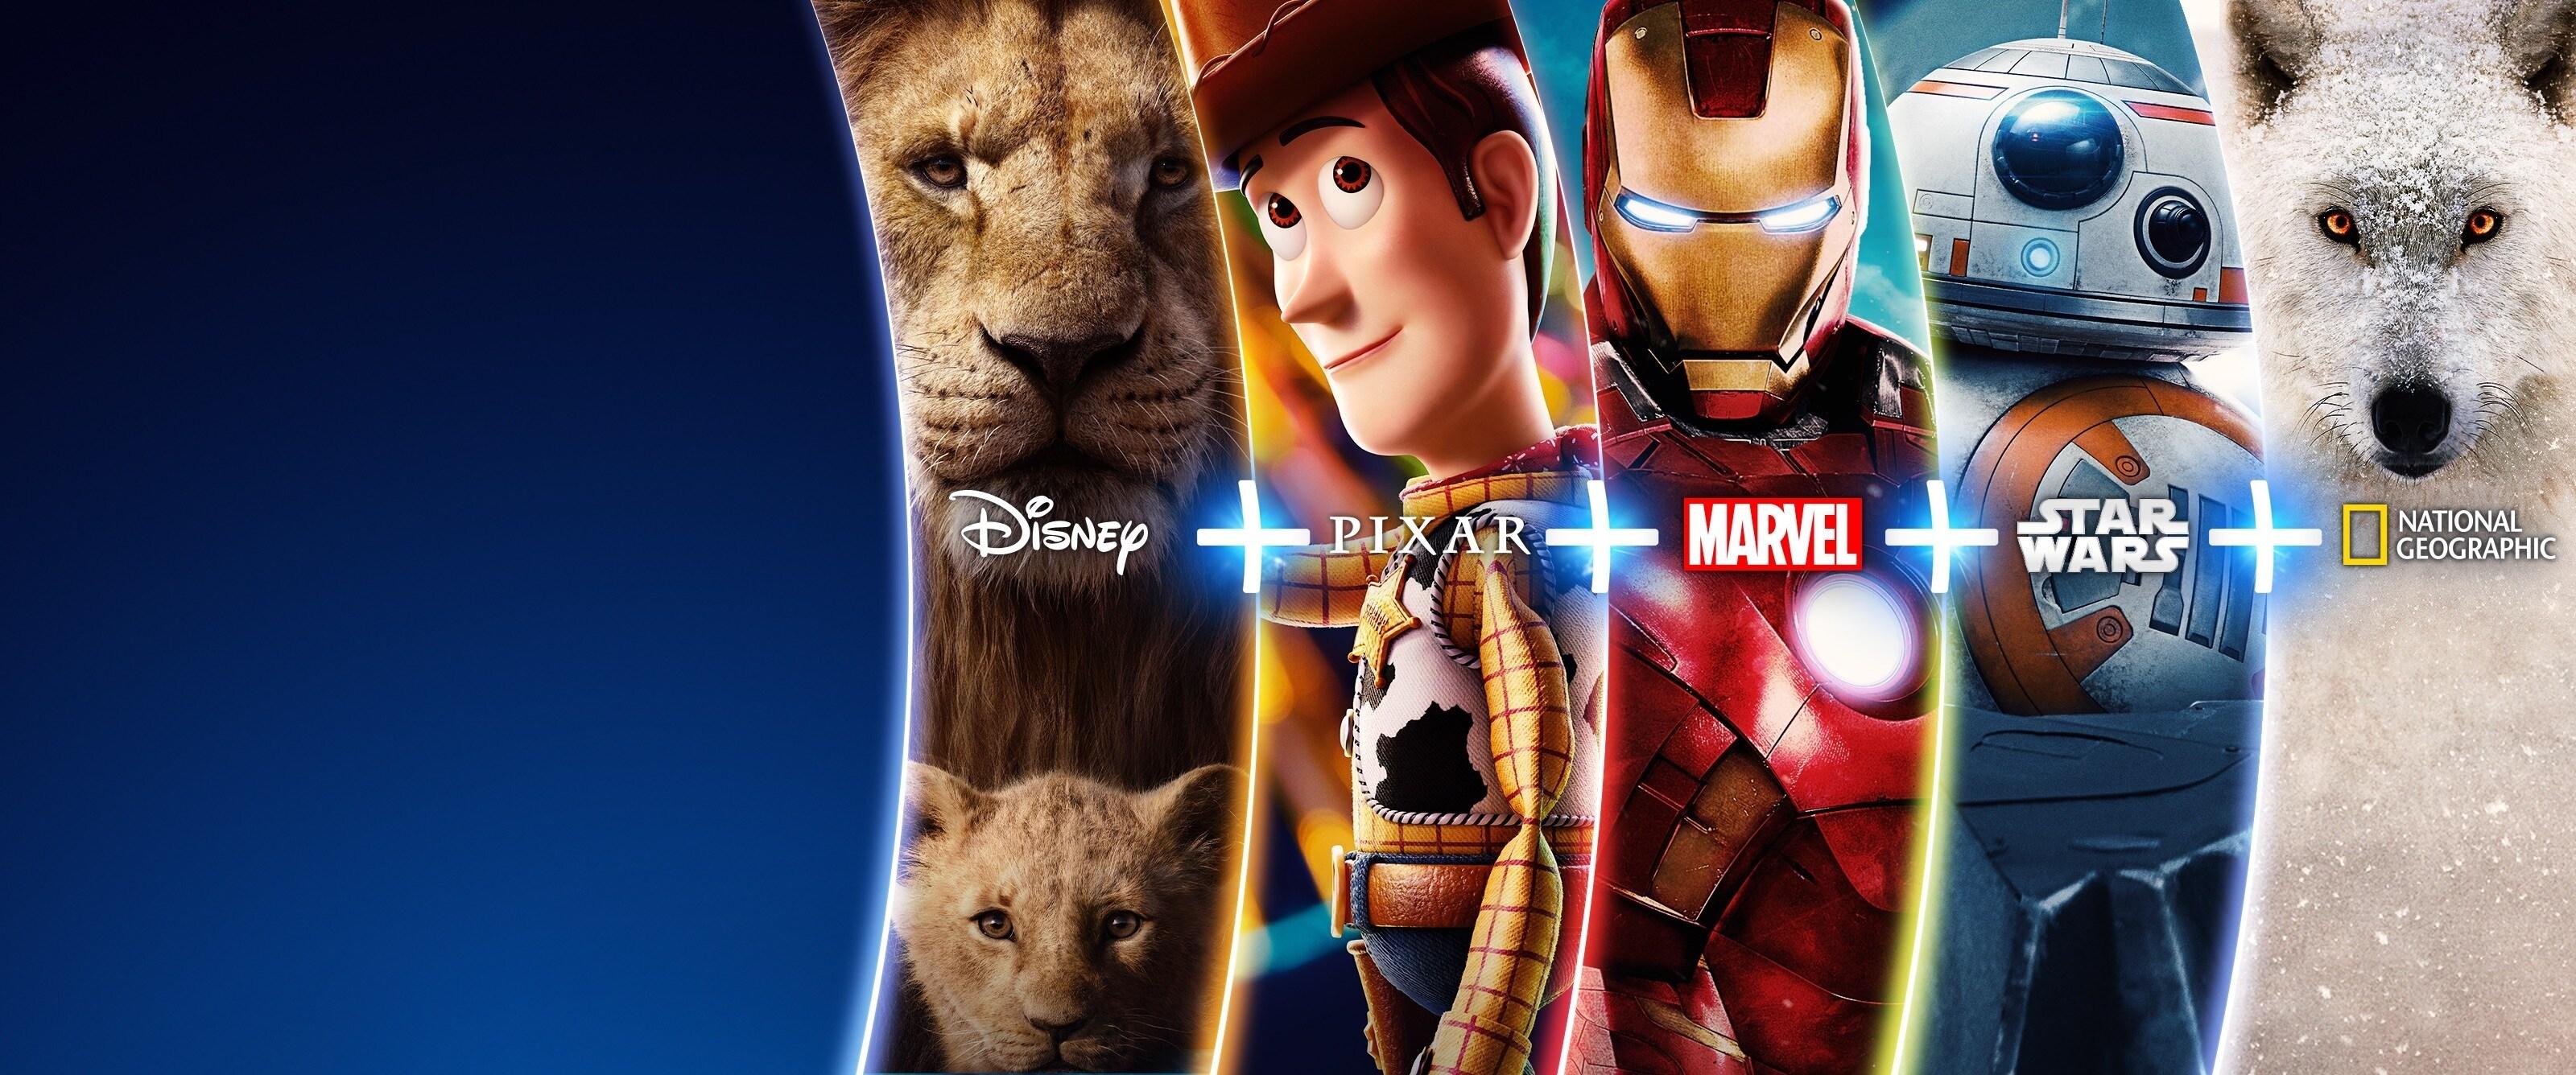 Descubre más sobre Disney+